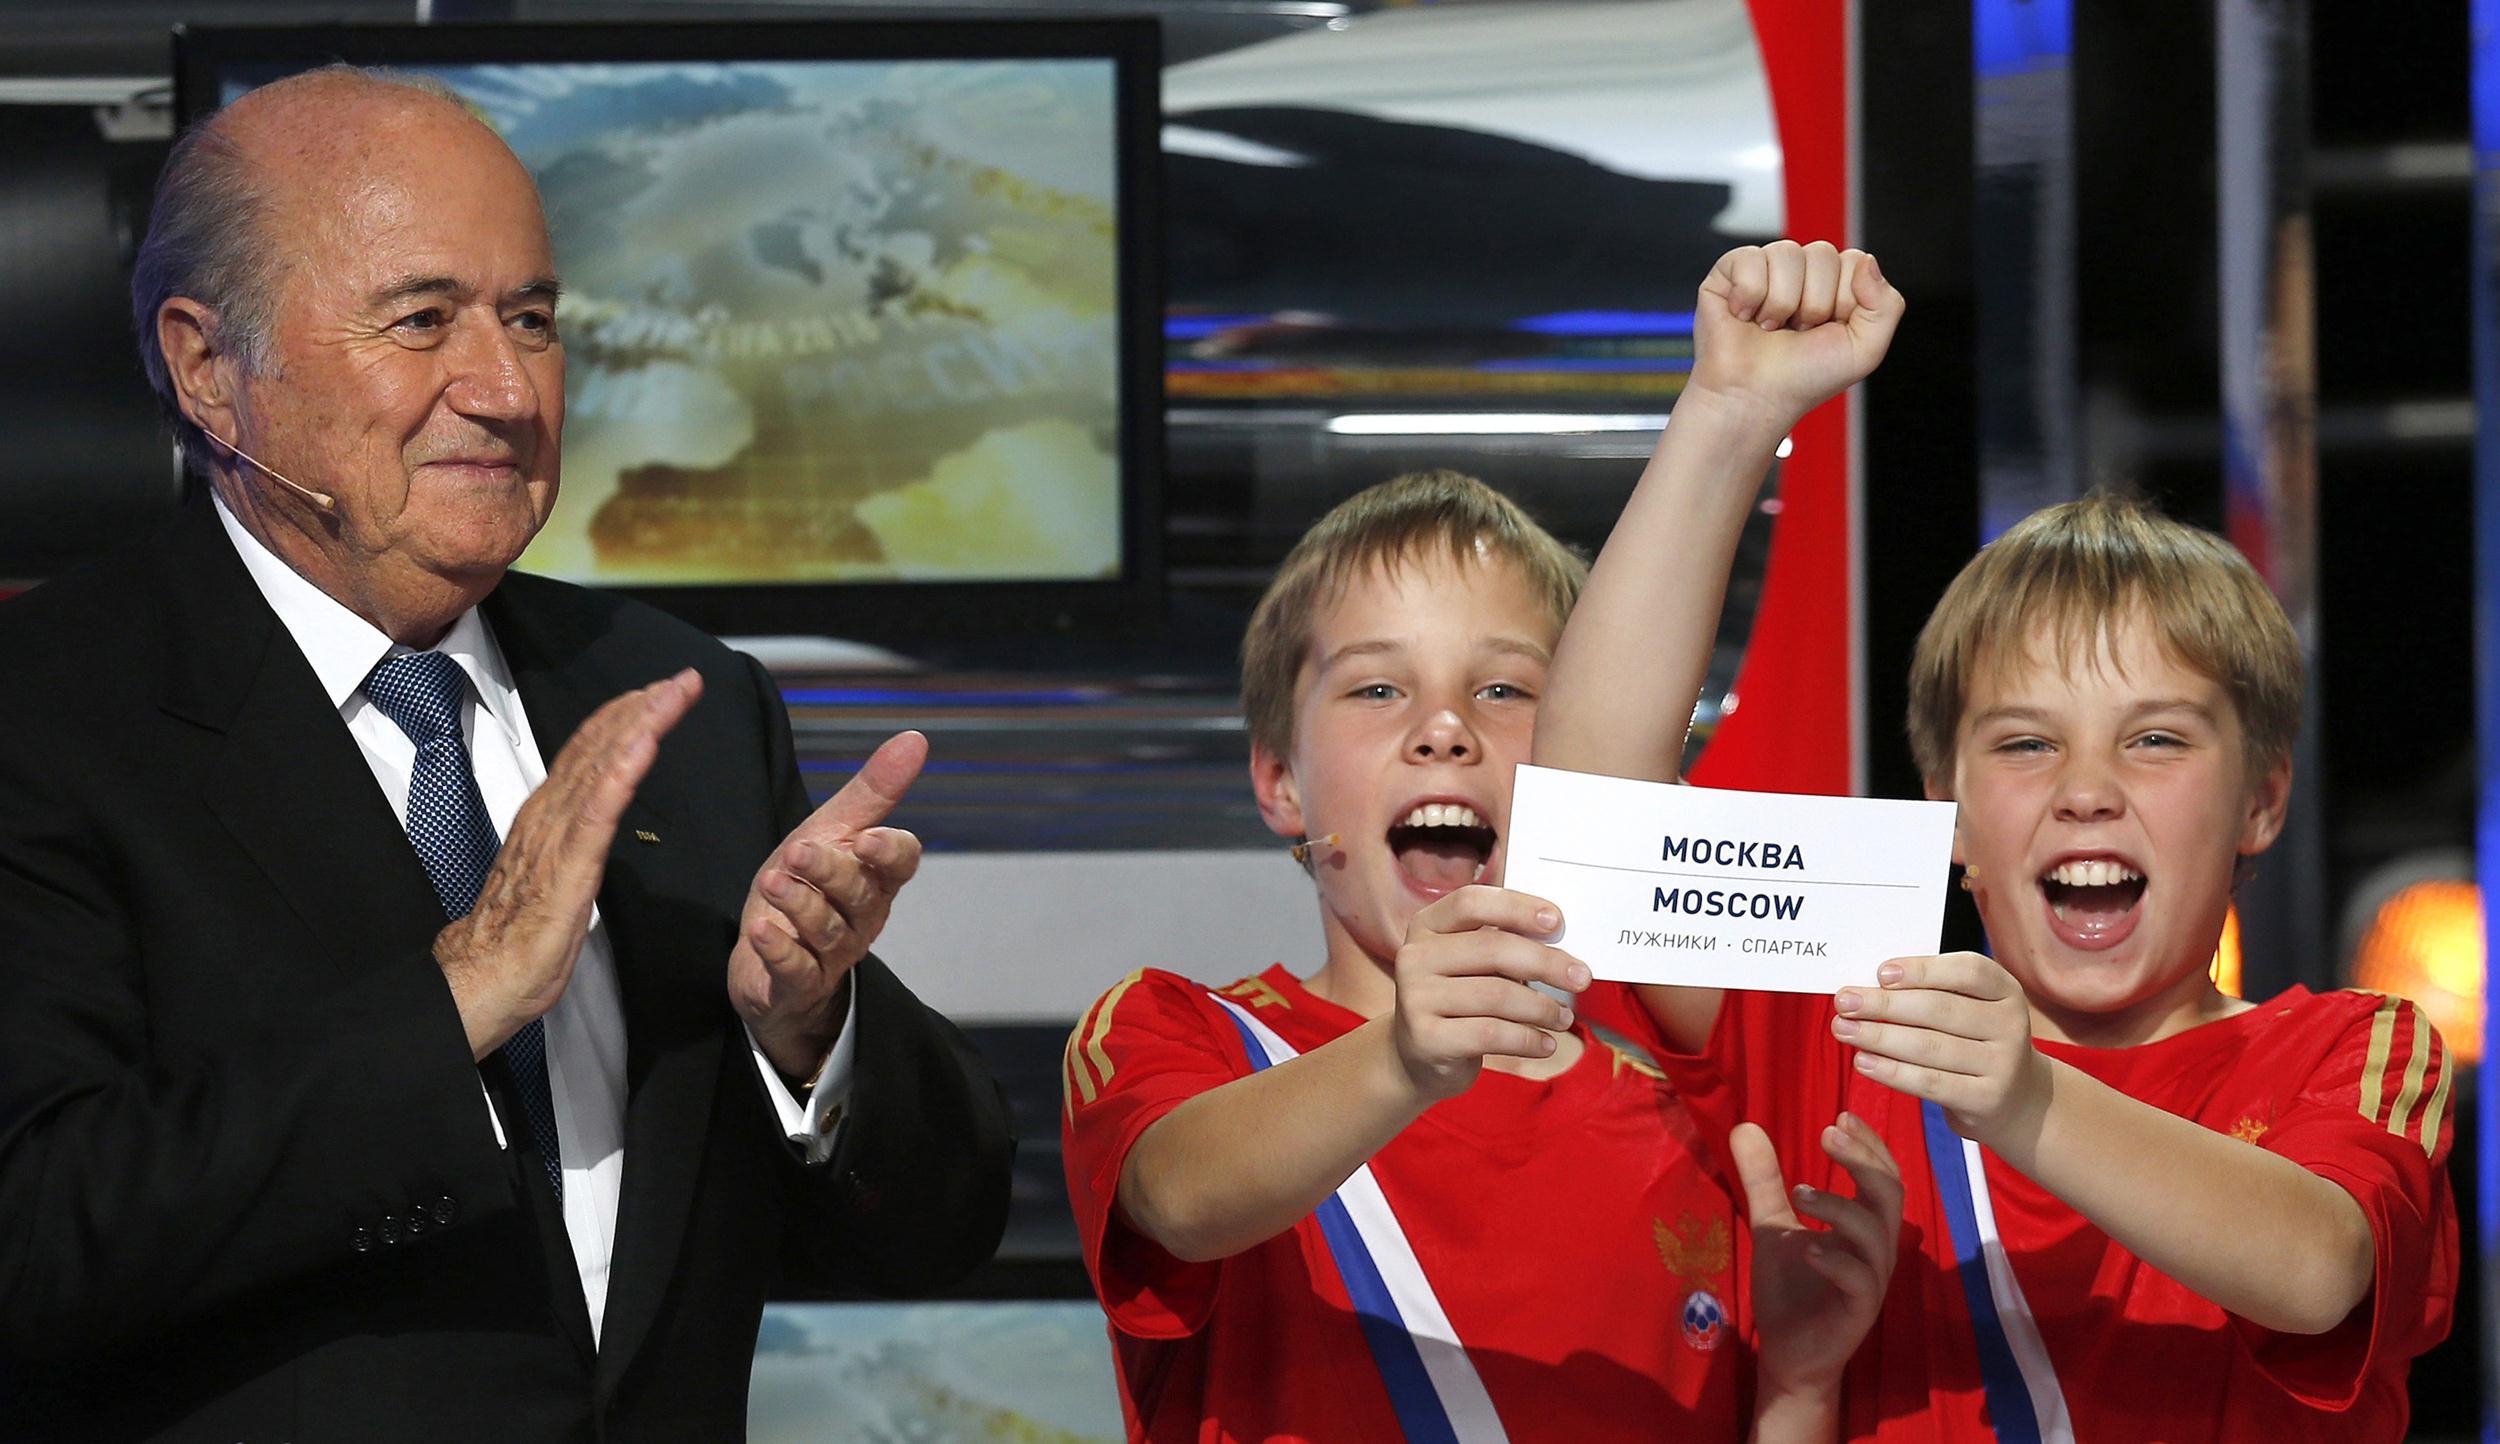 Image: Sepp Blatter